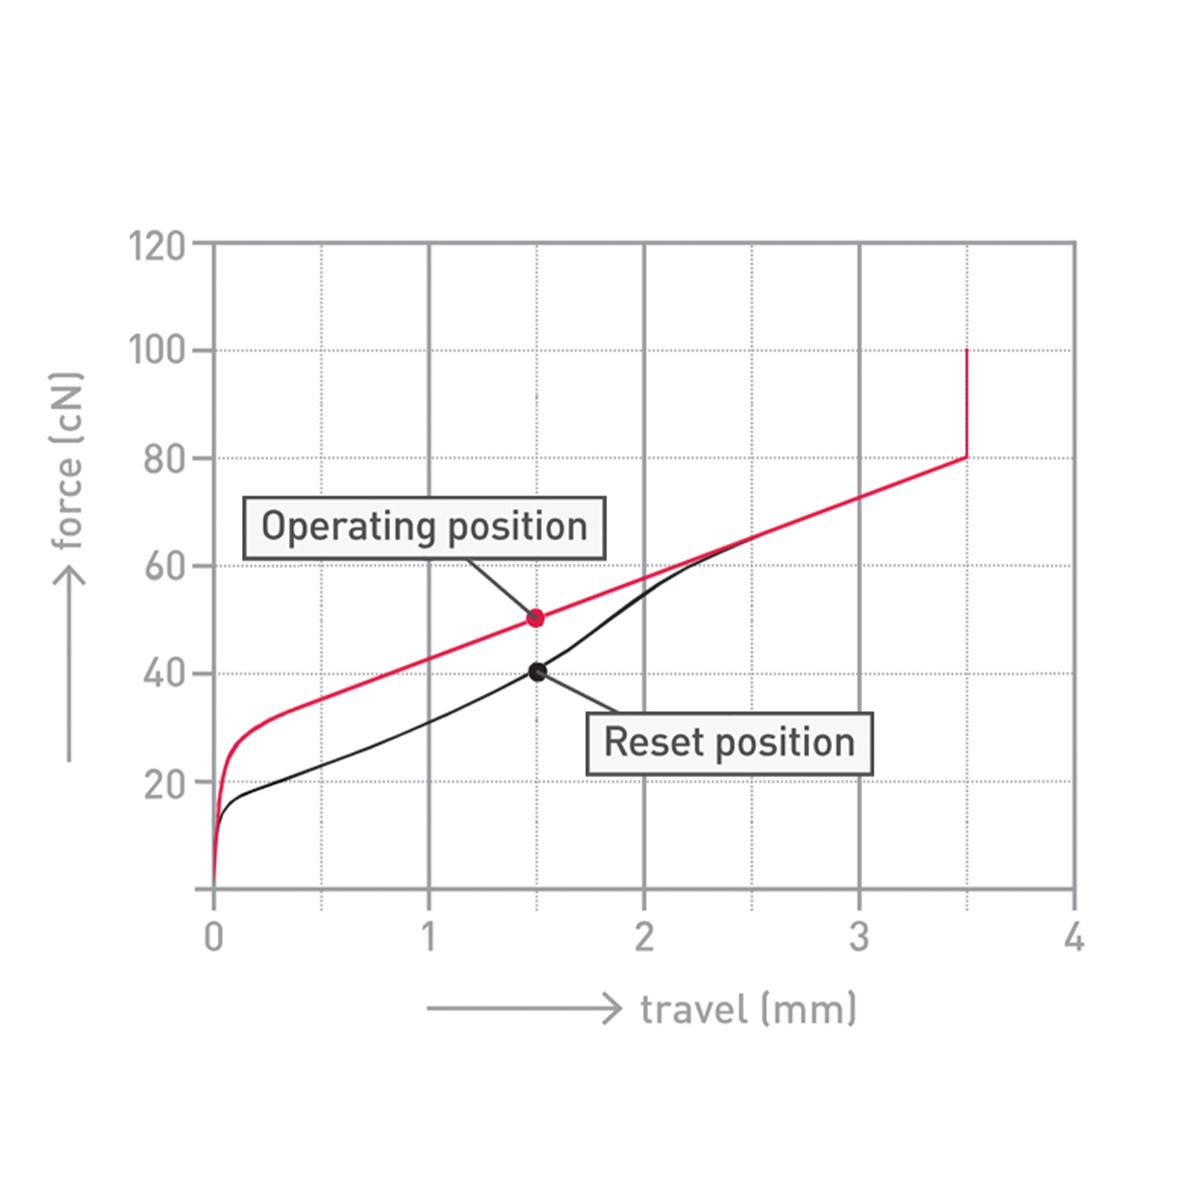 【半透明クリア】Qanba Gravity(グラビティ)メカニカルスイッチ アーケード ボタン 30mm(ネジ式)